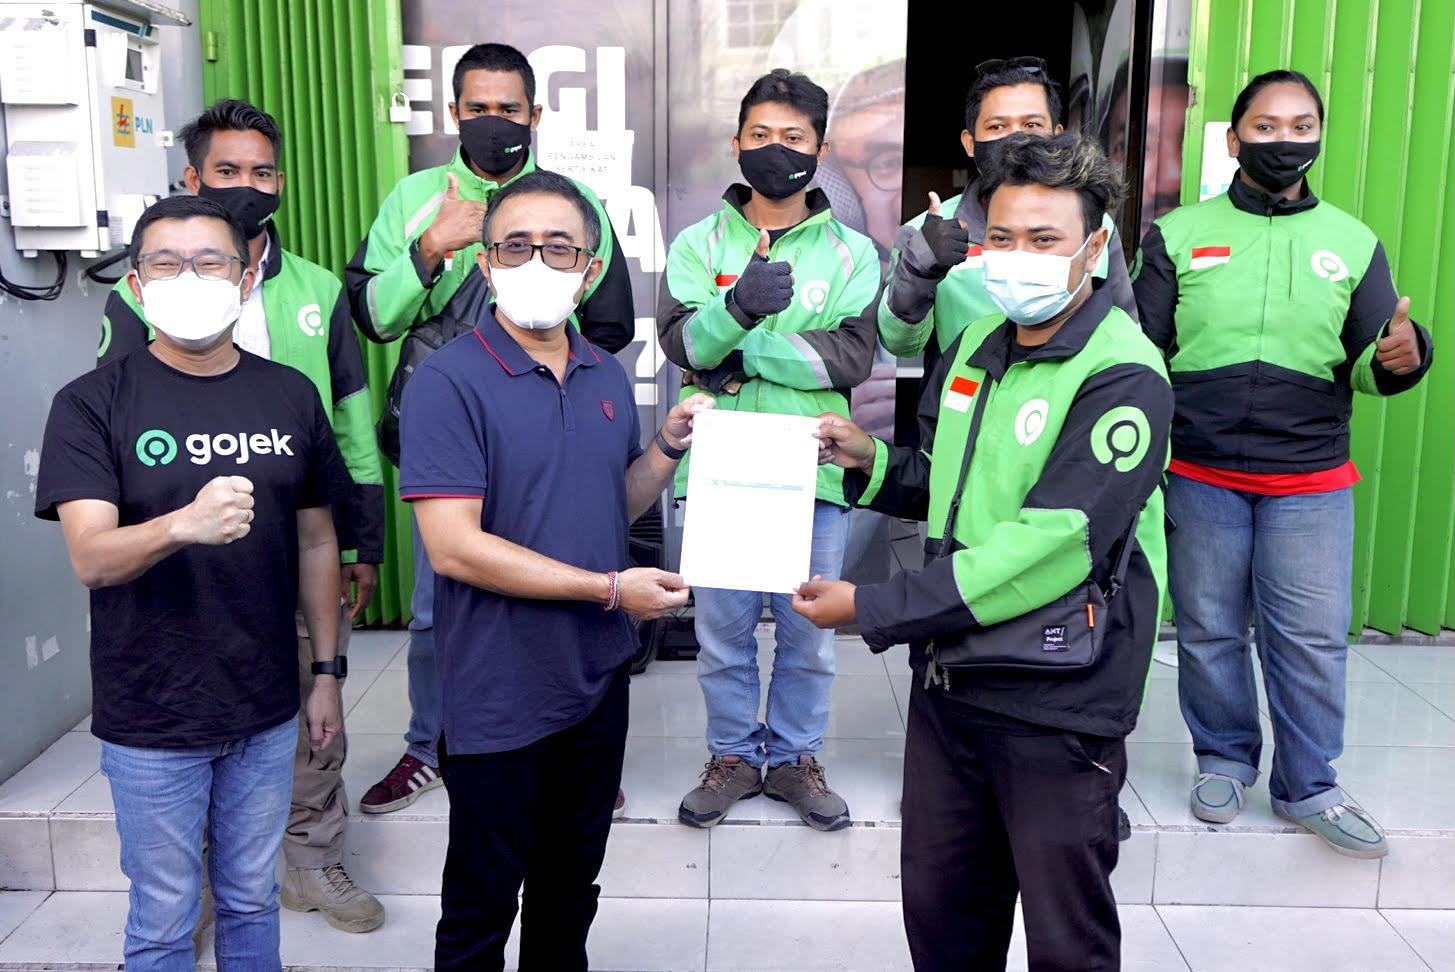 Walikota Jaya Negara Tinjau Vaksinasi Gojek Di Denpasar, Sasar 1000 Driver